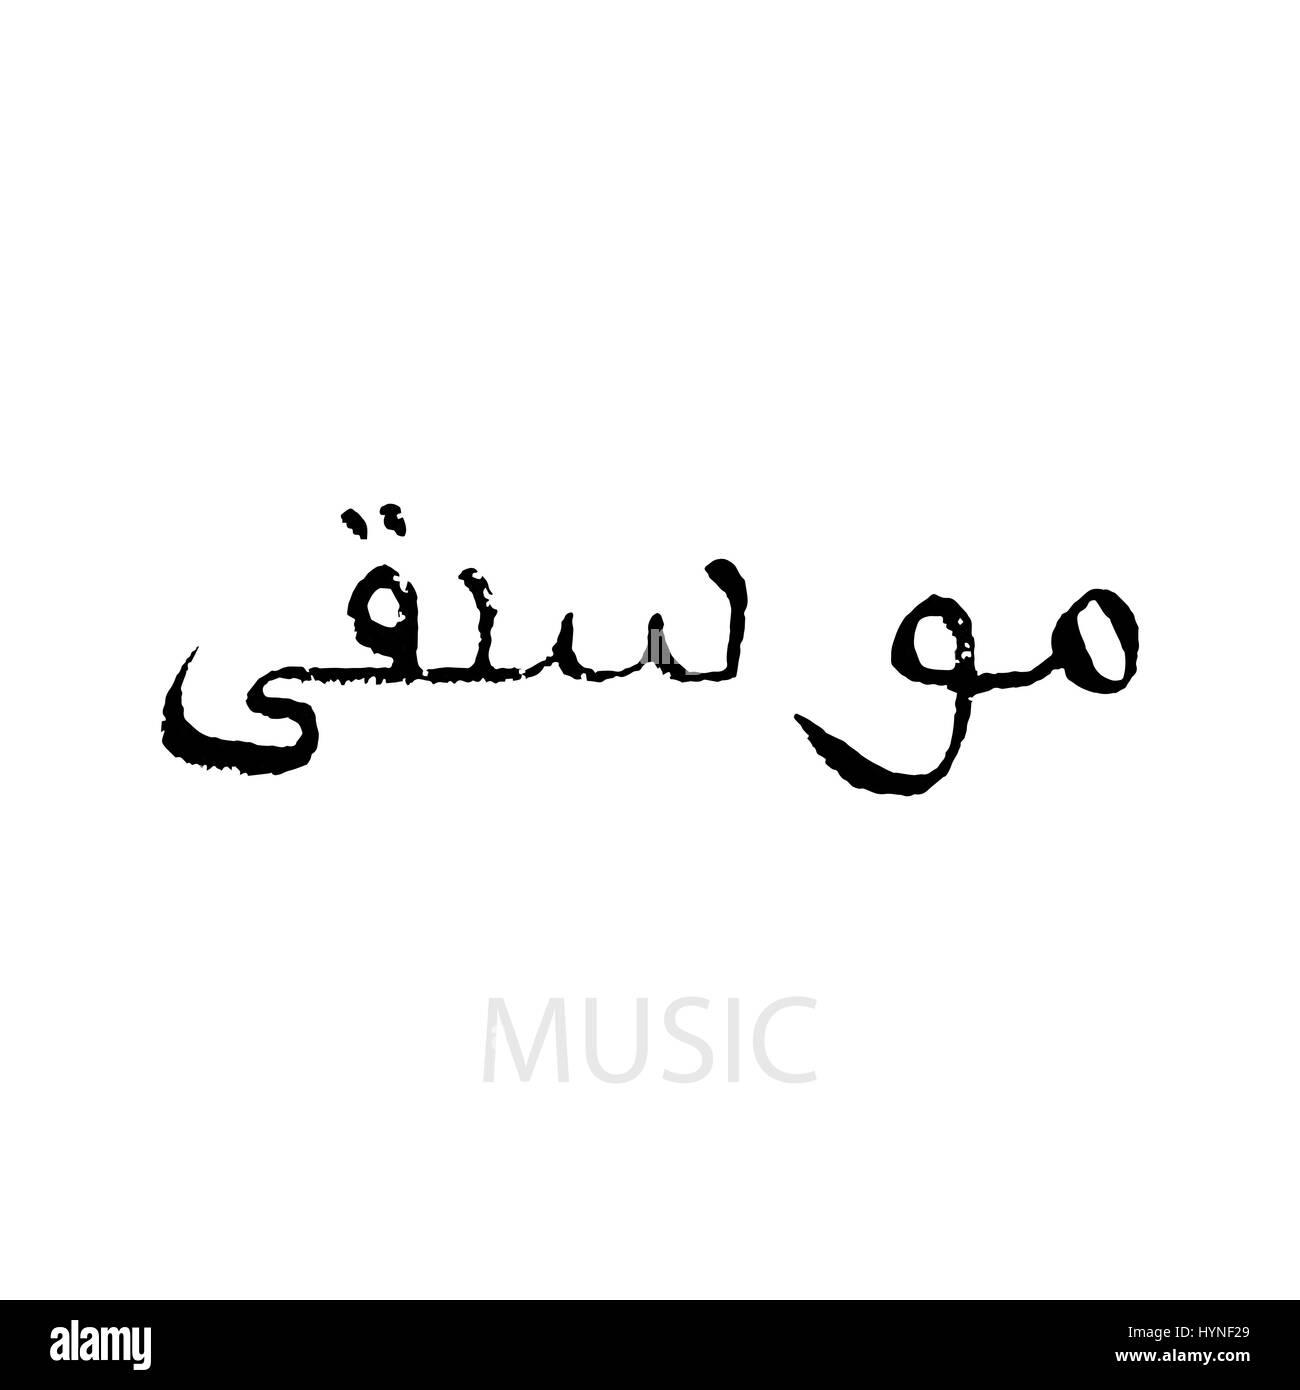 Dibujado a mano negra música letras aisladas - native arabian anguage. Ilustración del Vector